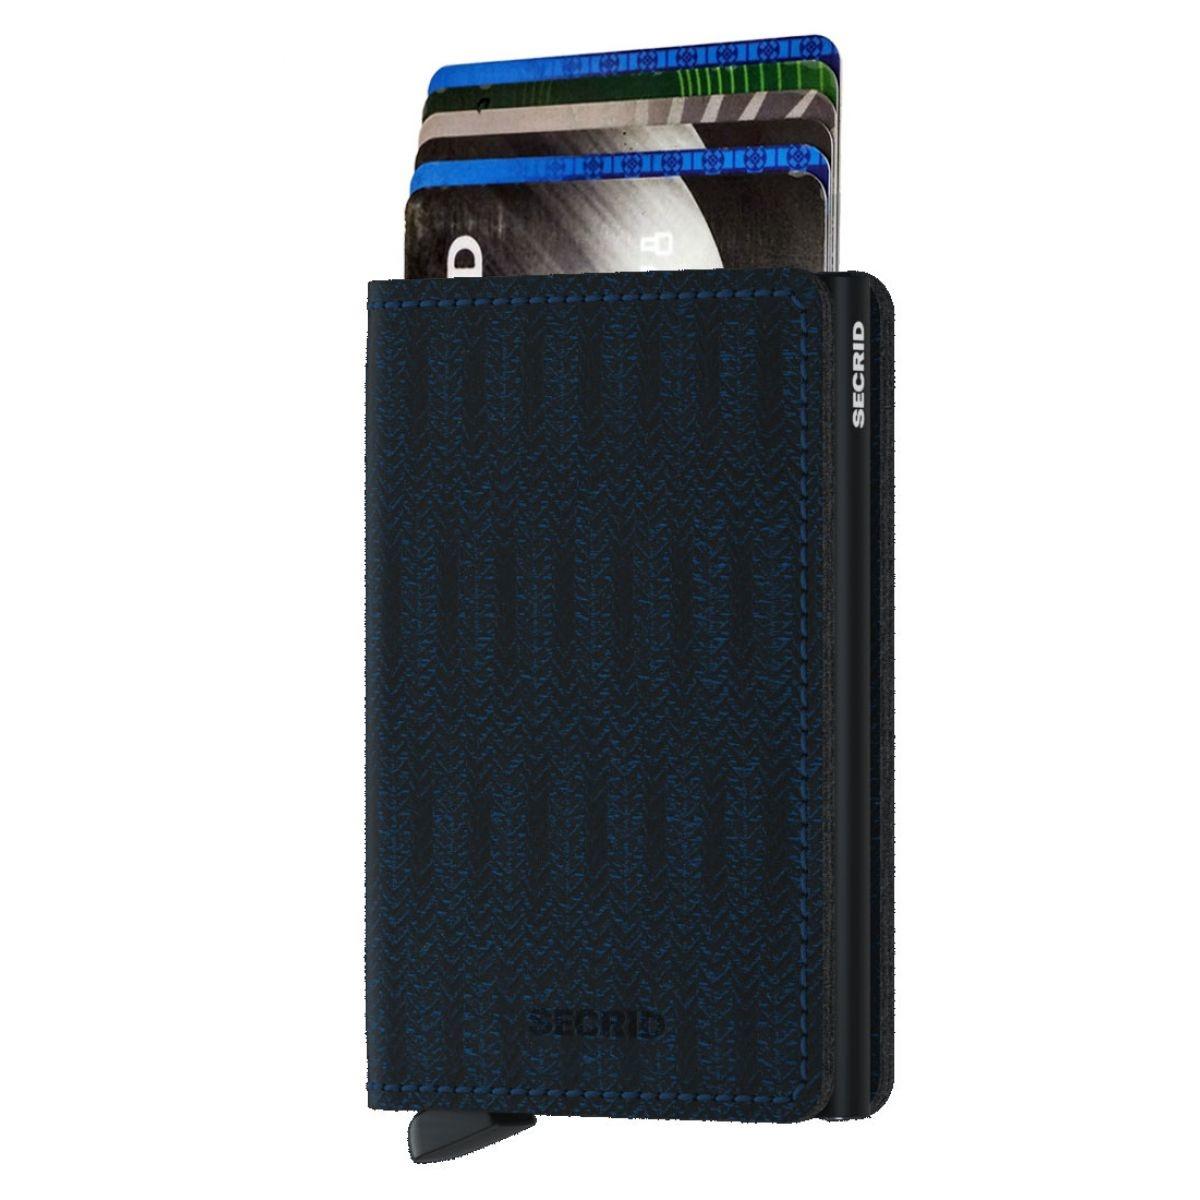 Secrid Secrid Slim  Wallet Card Protector Dash Navy leren uitschuifbare pasjeshouder